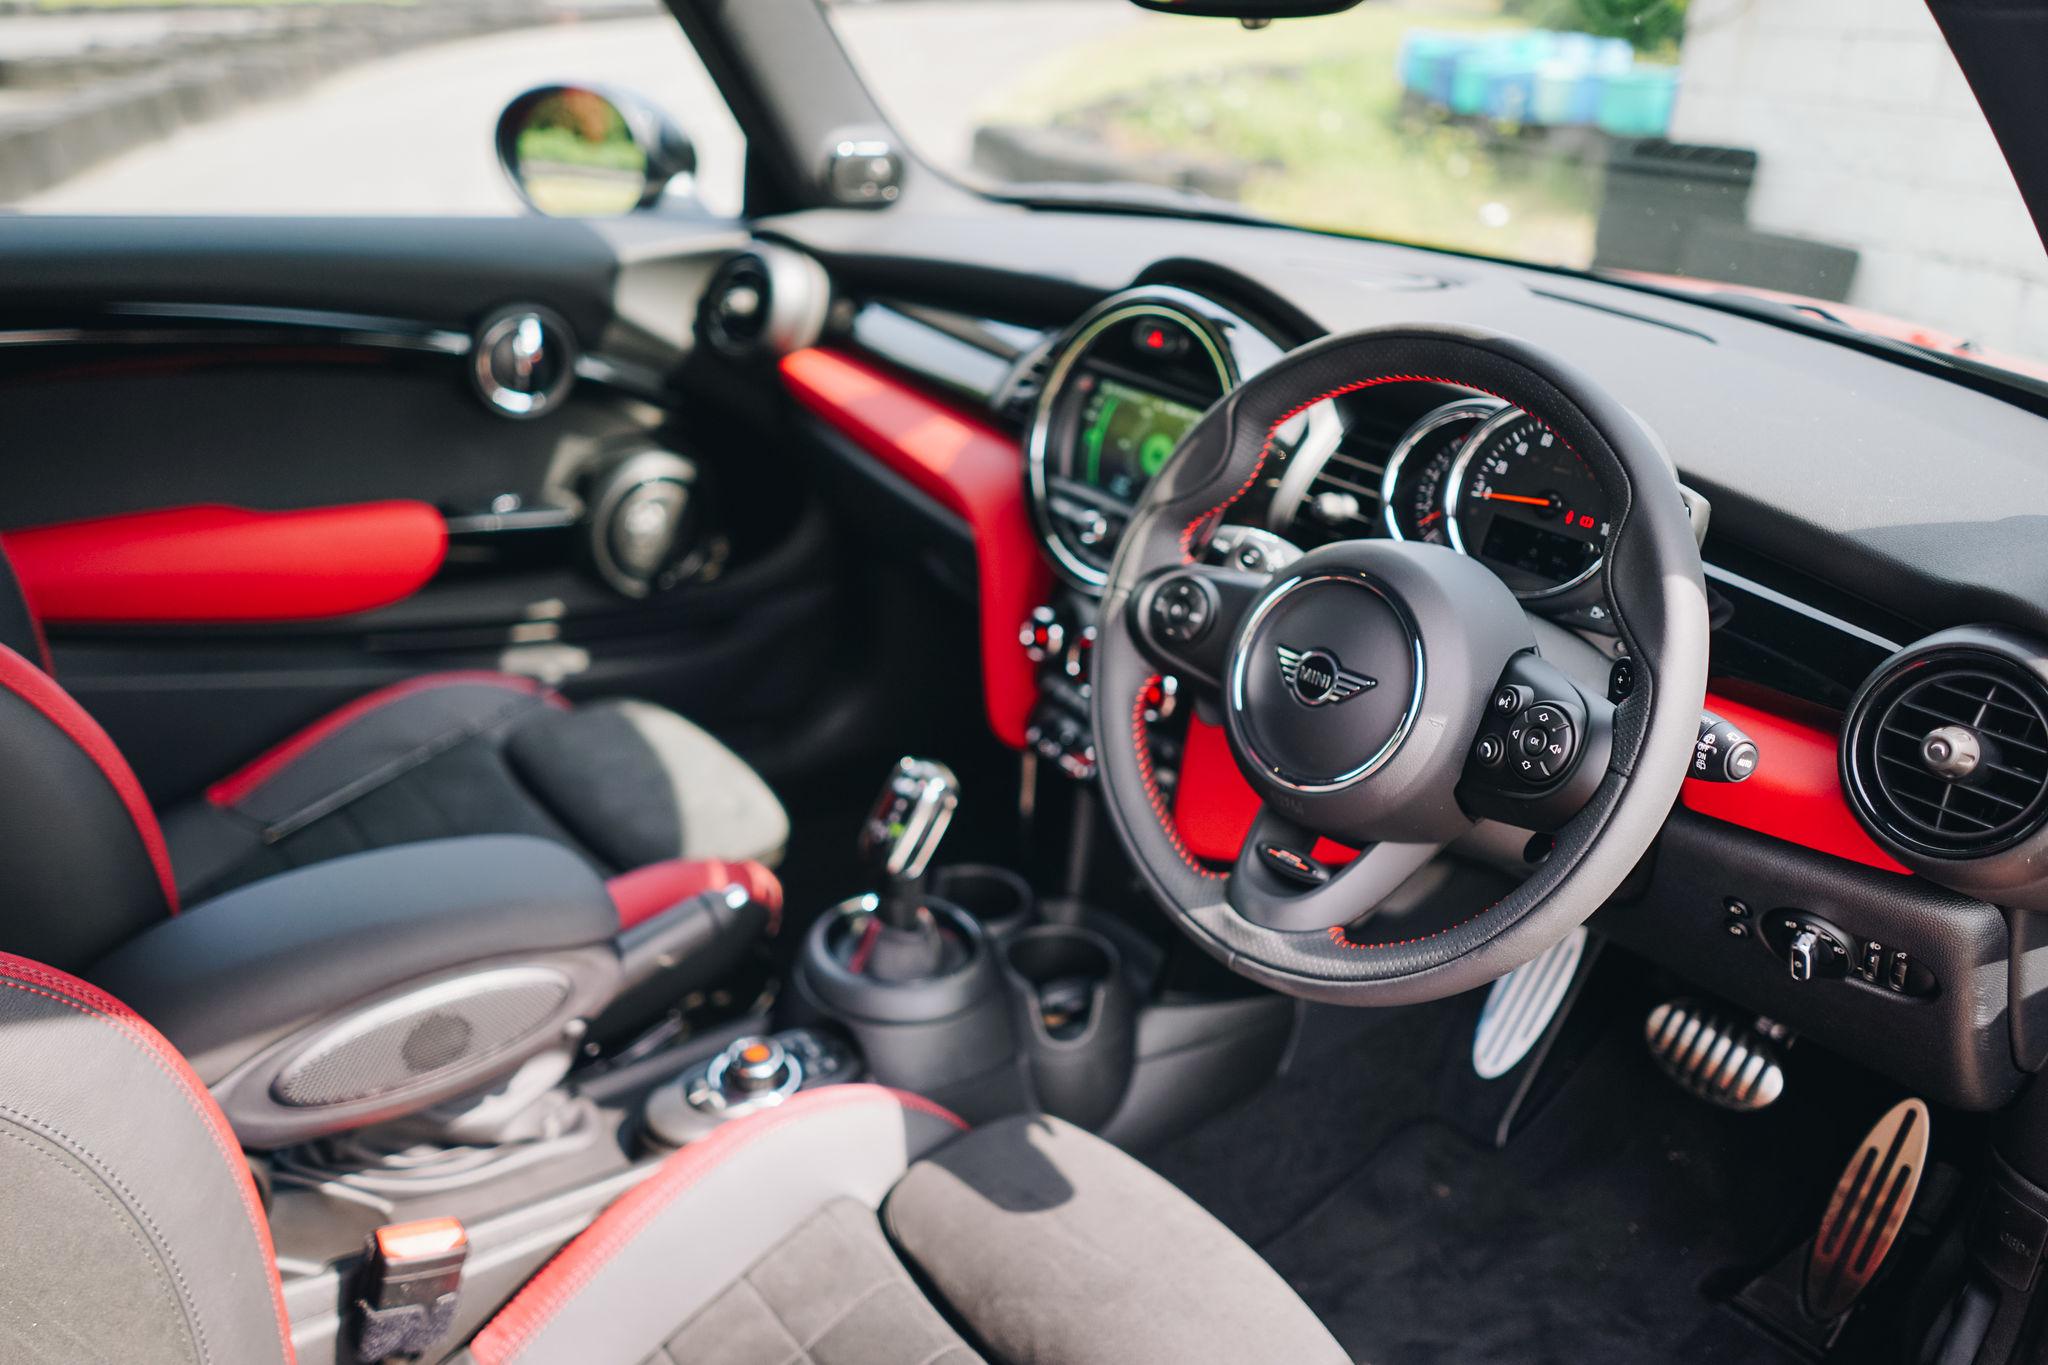 MINI Cooper S Interior Cabin